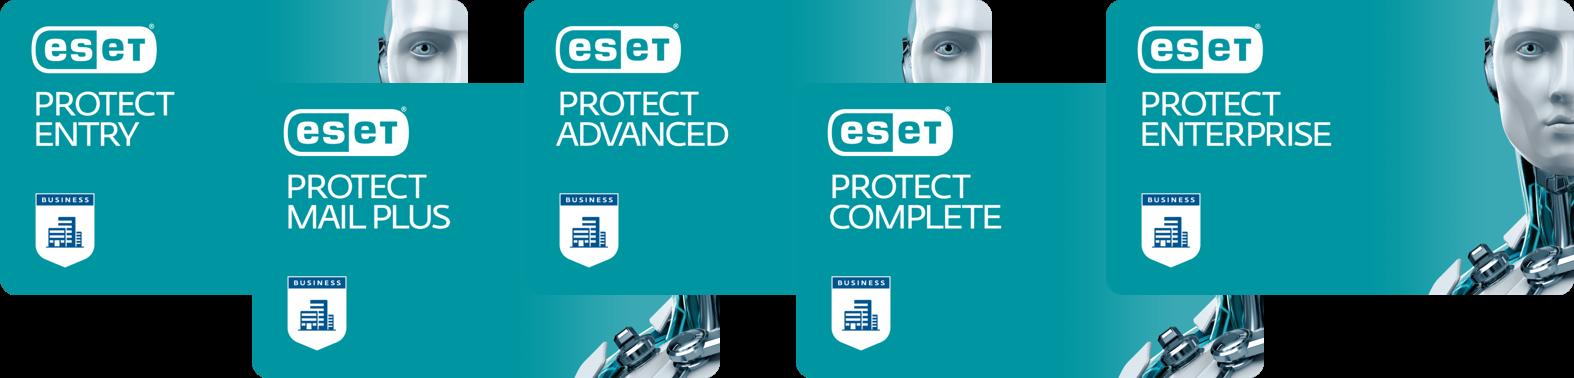 Управляйте новыми решениями локально или в облаке с помощью единой консоли ESET PROTECT.